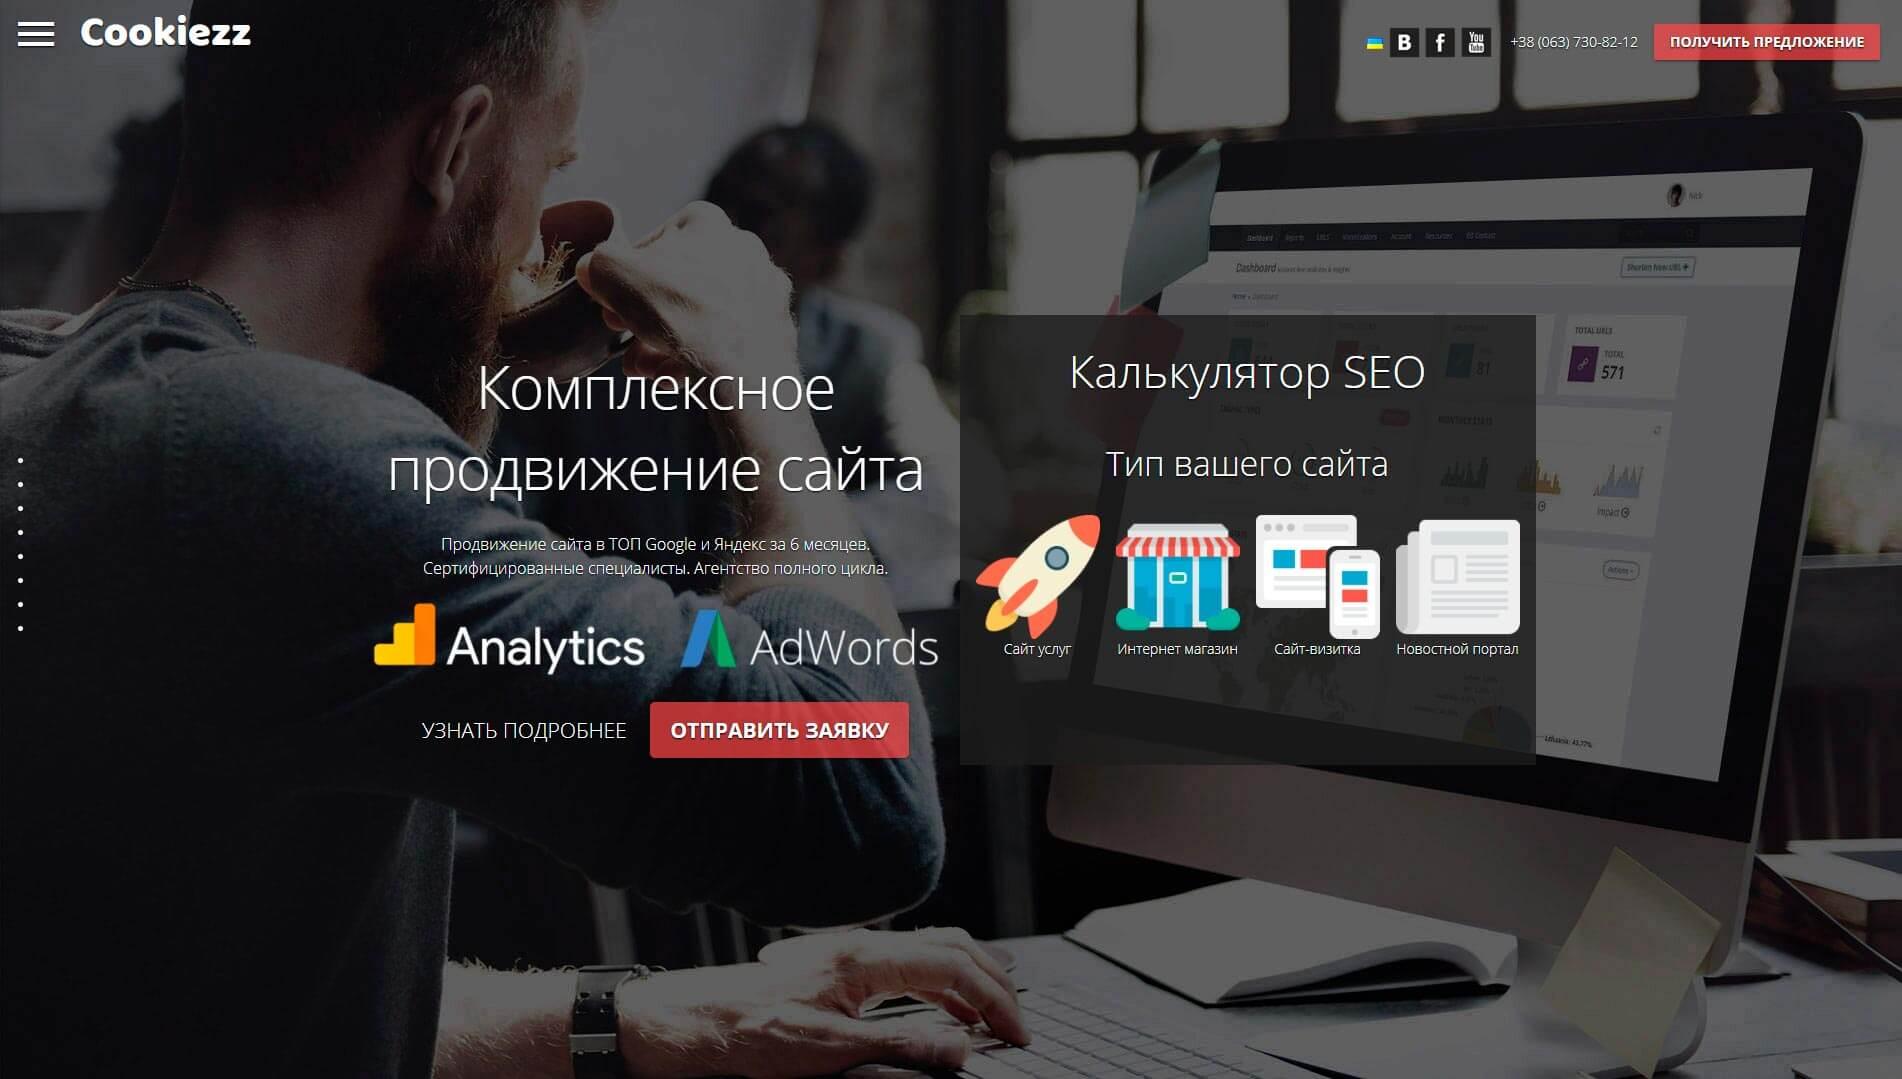 Cookiezz - обзор компании, услуги, отзывы, клиенты   Google SEO, Фото № 1 - google-seo.pro